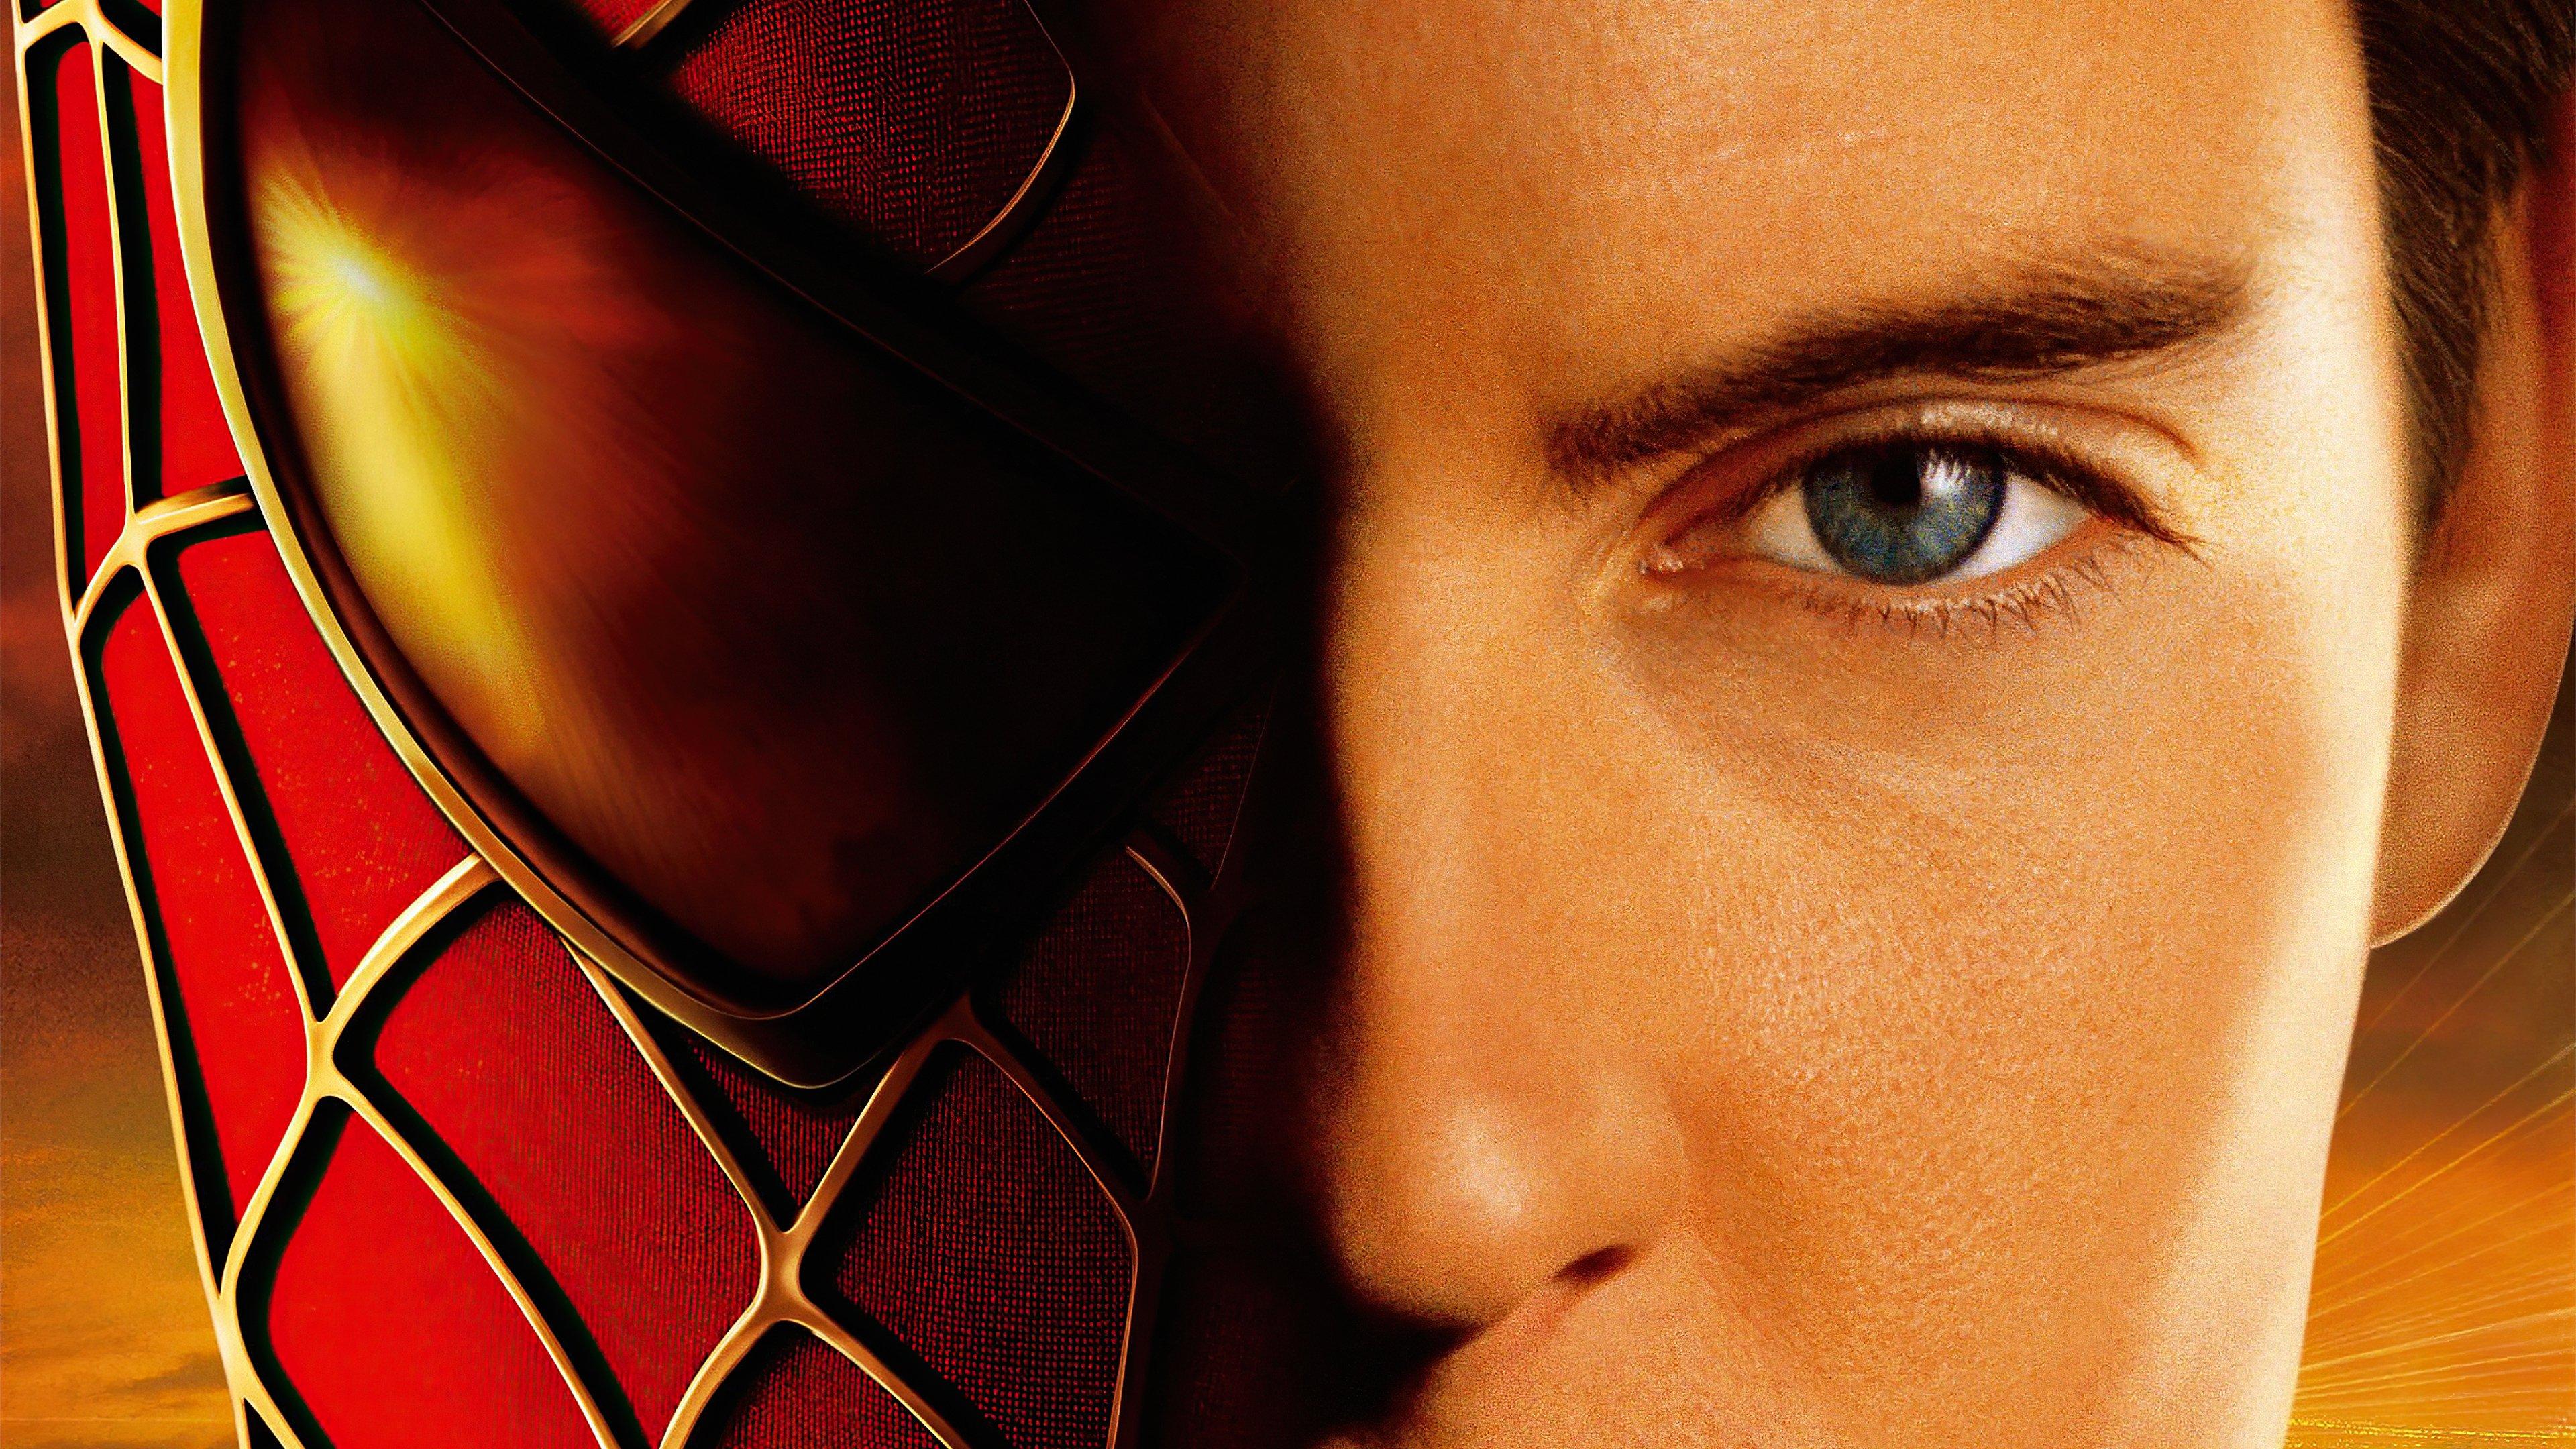 Fondos de pantalla Toby Maguire como el Hombre araña